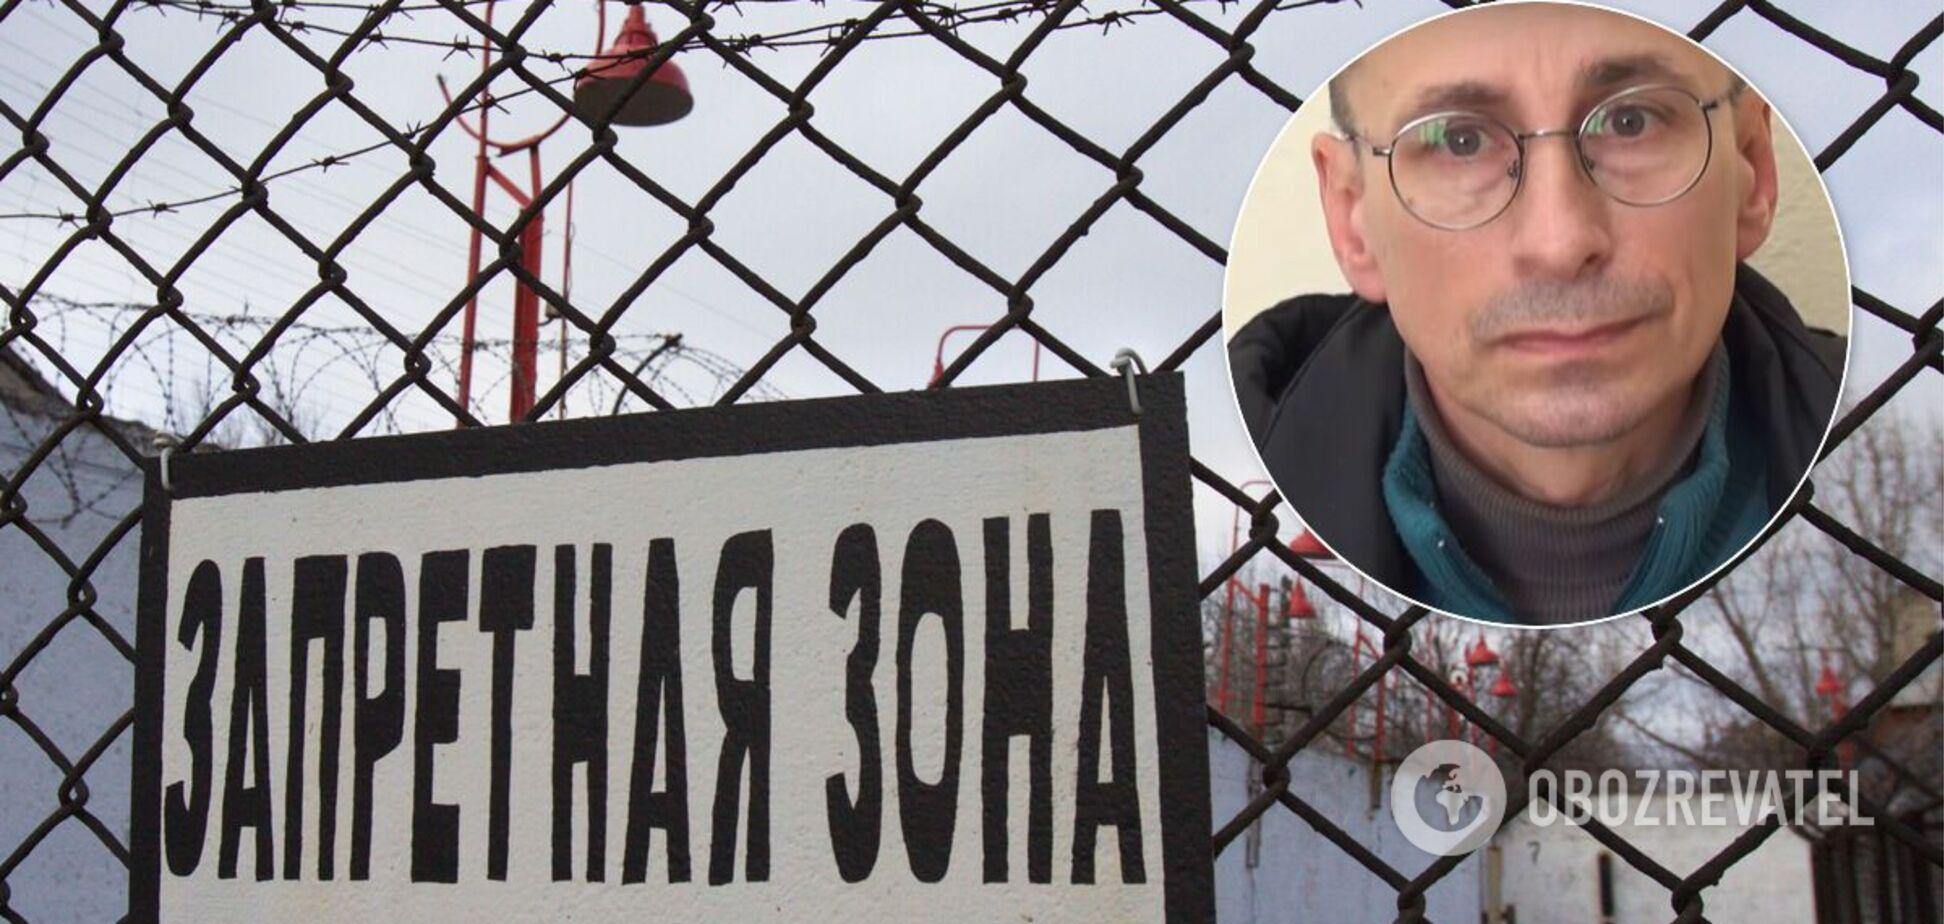 Юрий Шаповалов плен